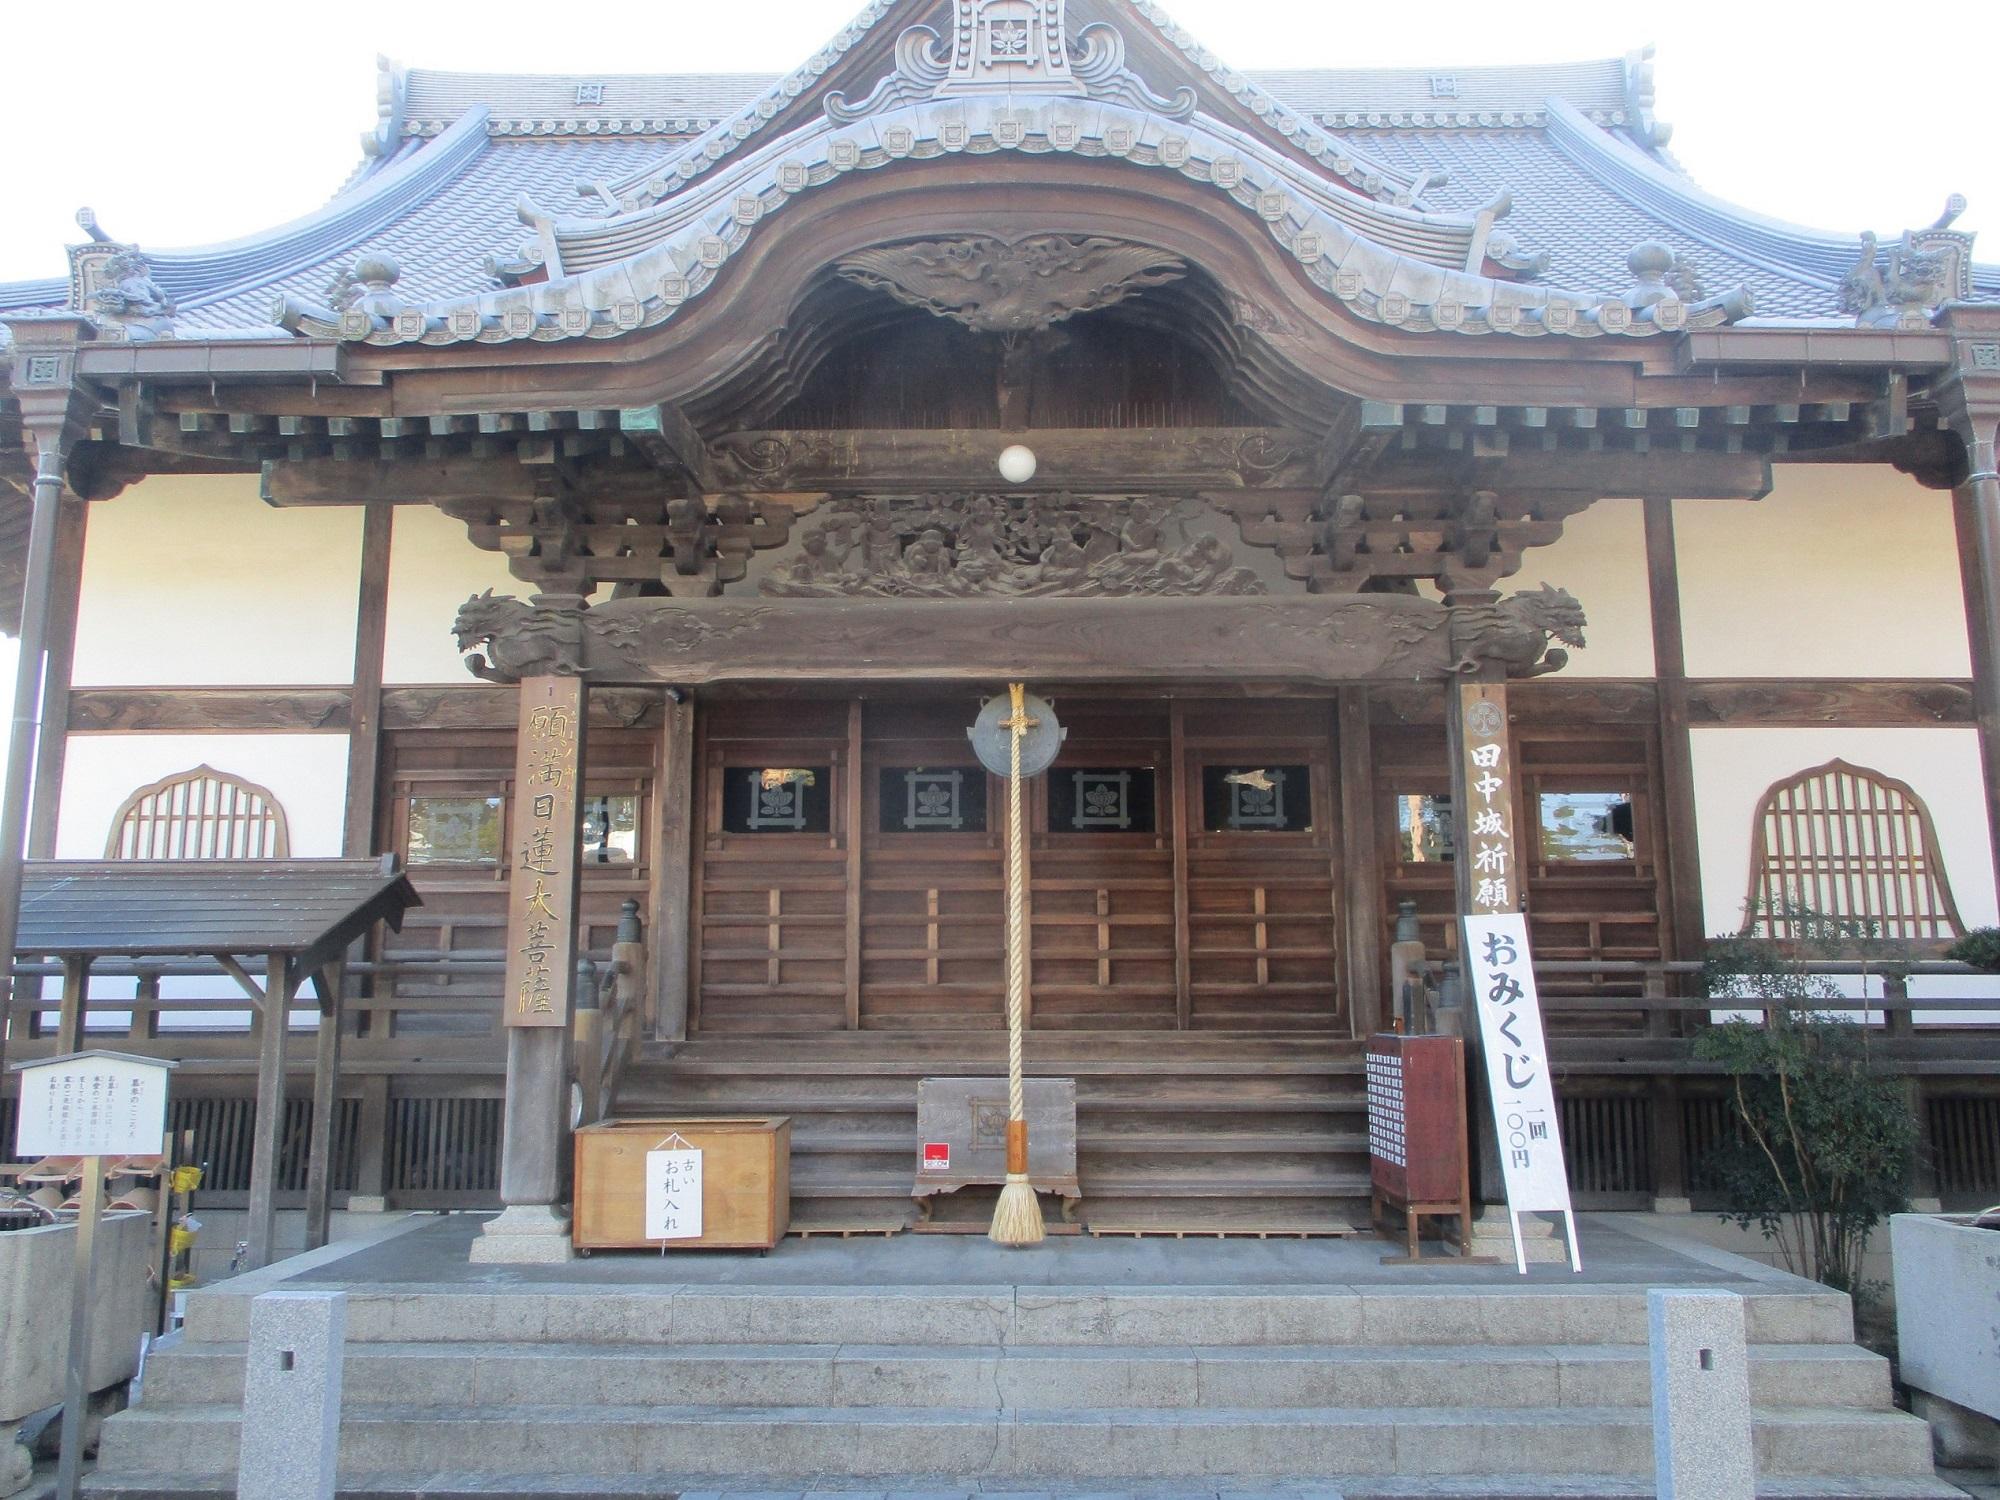 2020.1.21 (72) 藤枝宿 - 大慶寺 2000-1500